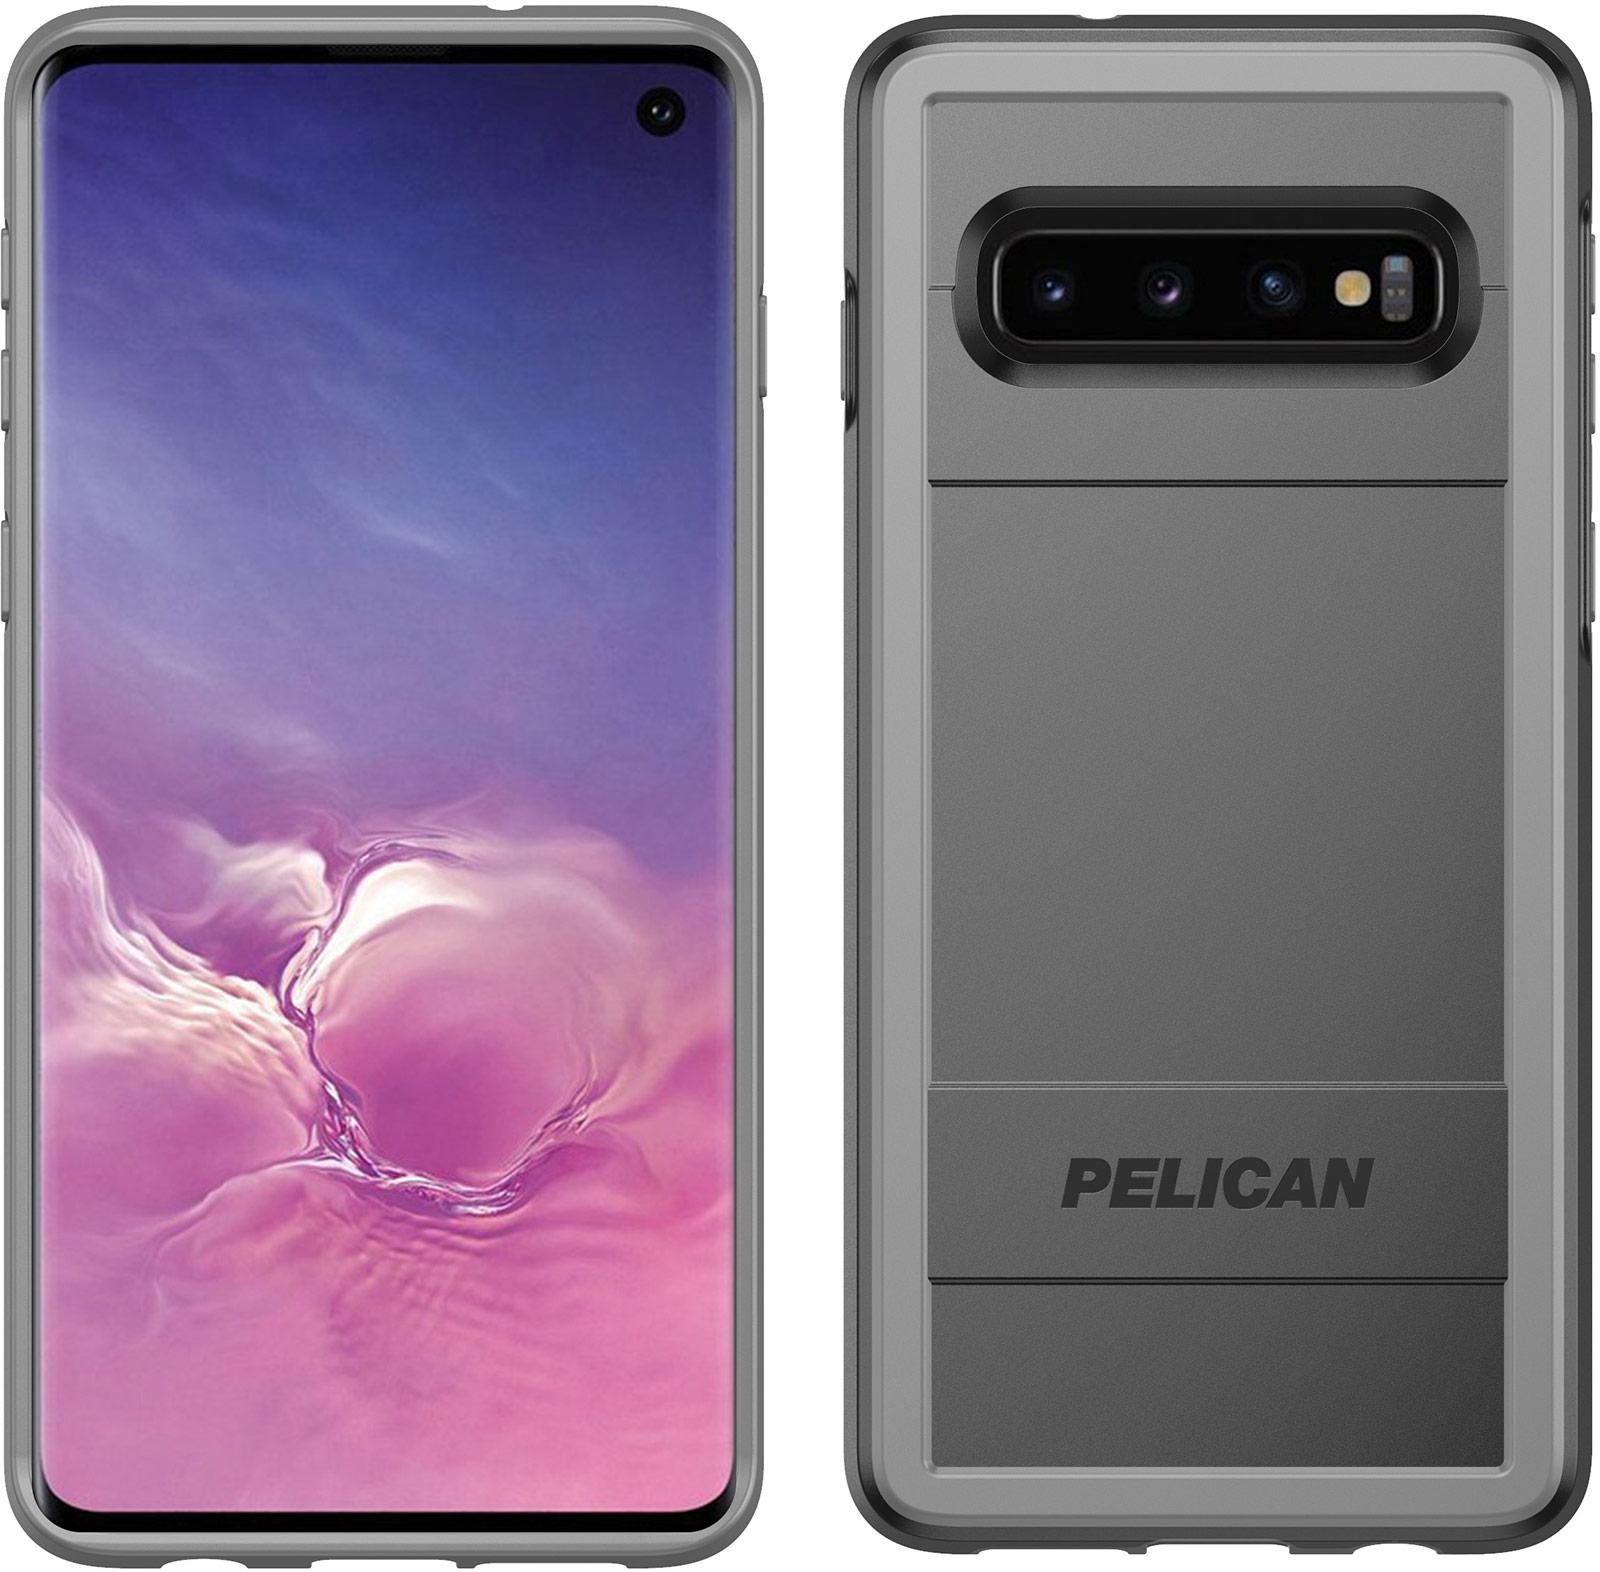 pelican c49150 samsung galaxy s10 protector ams phone case